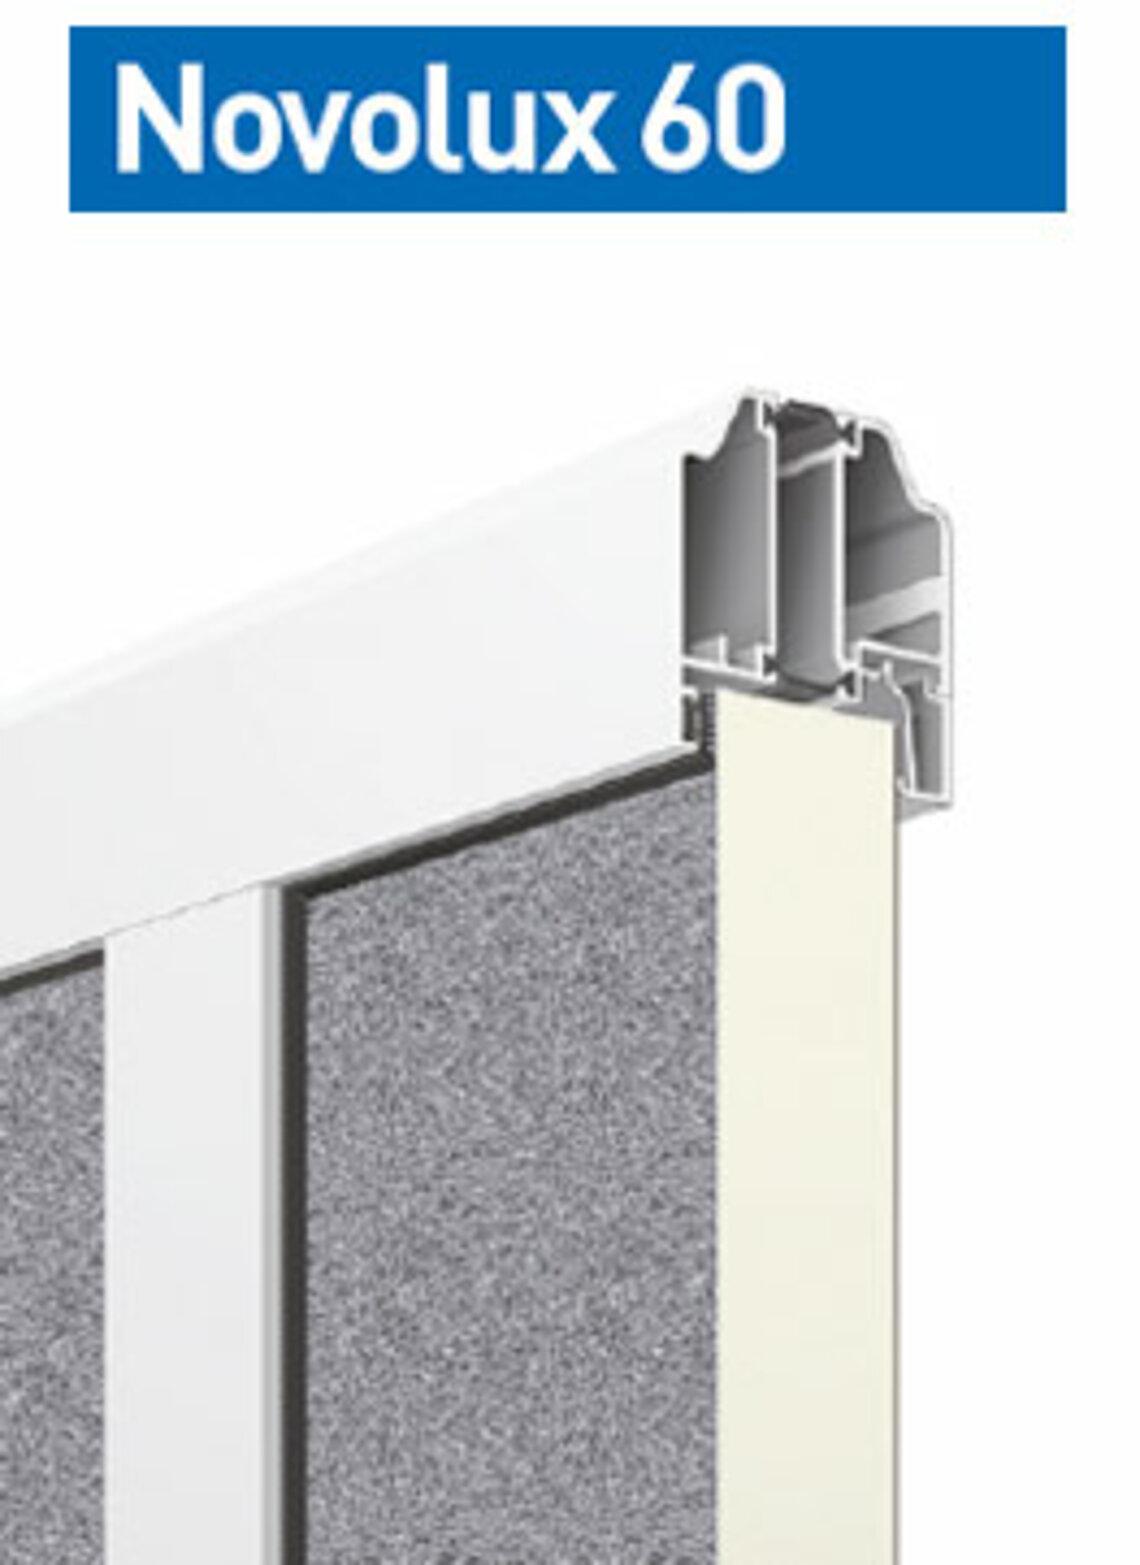 Novolux 60 40 mm: stucco